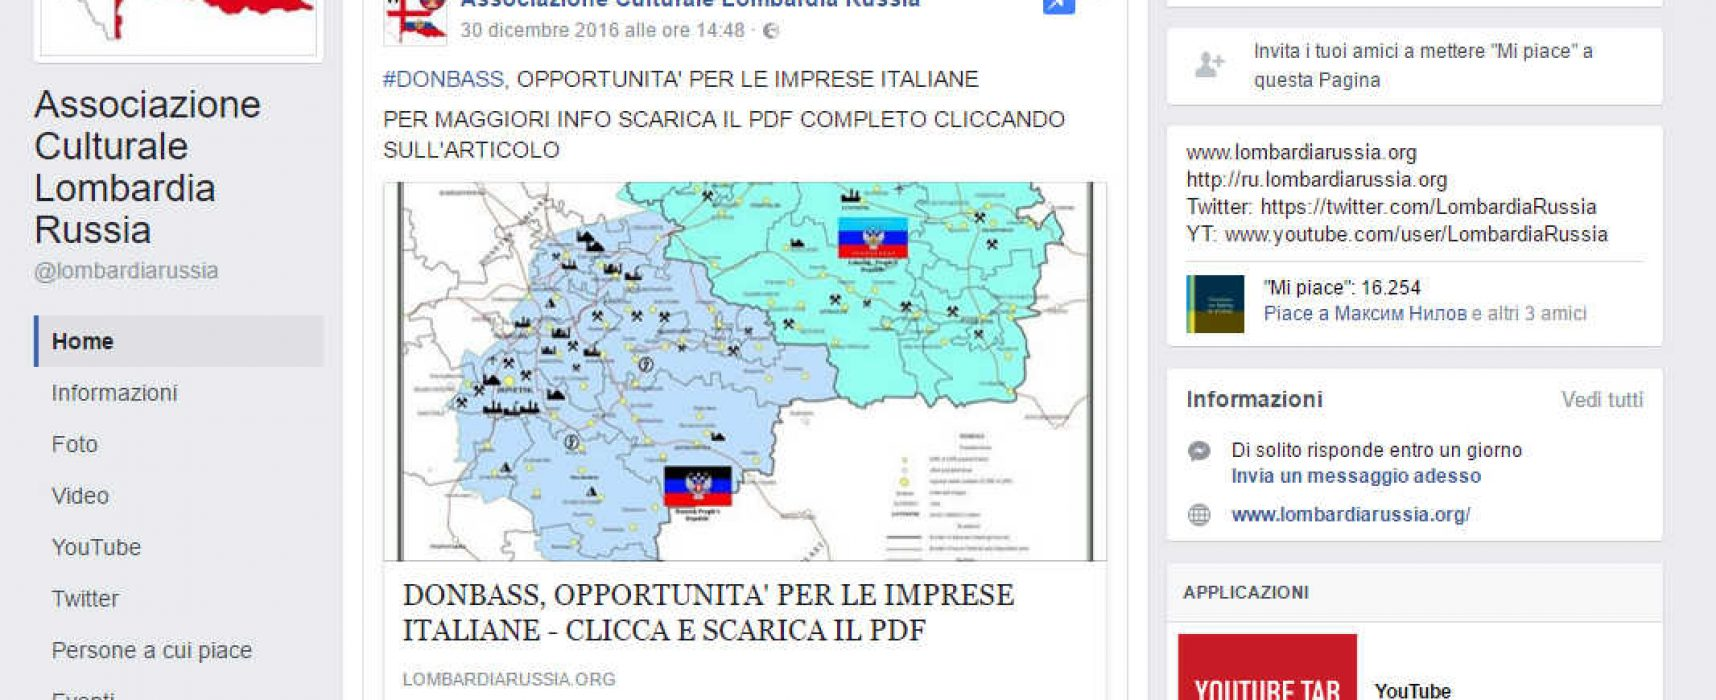 La Lega Nord invita veneti e lombardi a delocalizzare le loro aziende in Ucraina